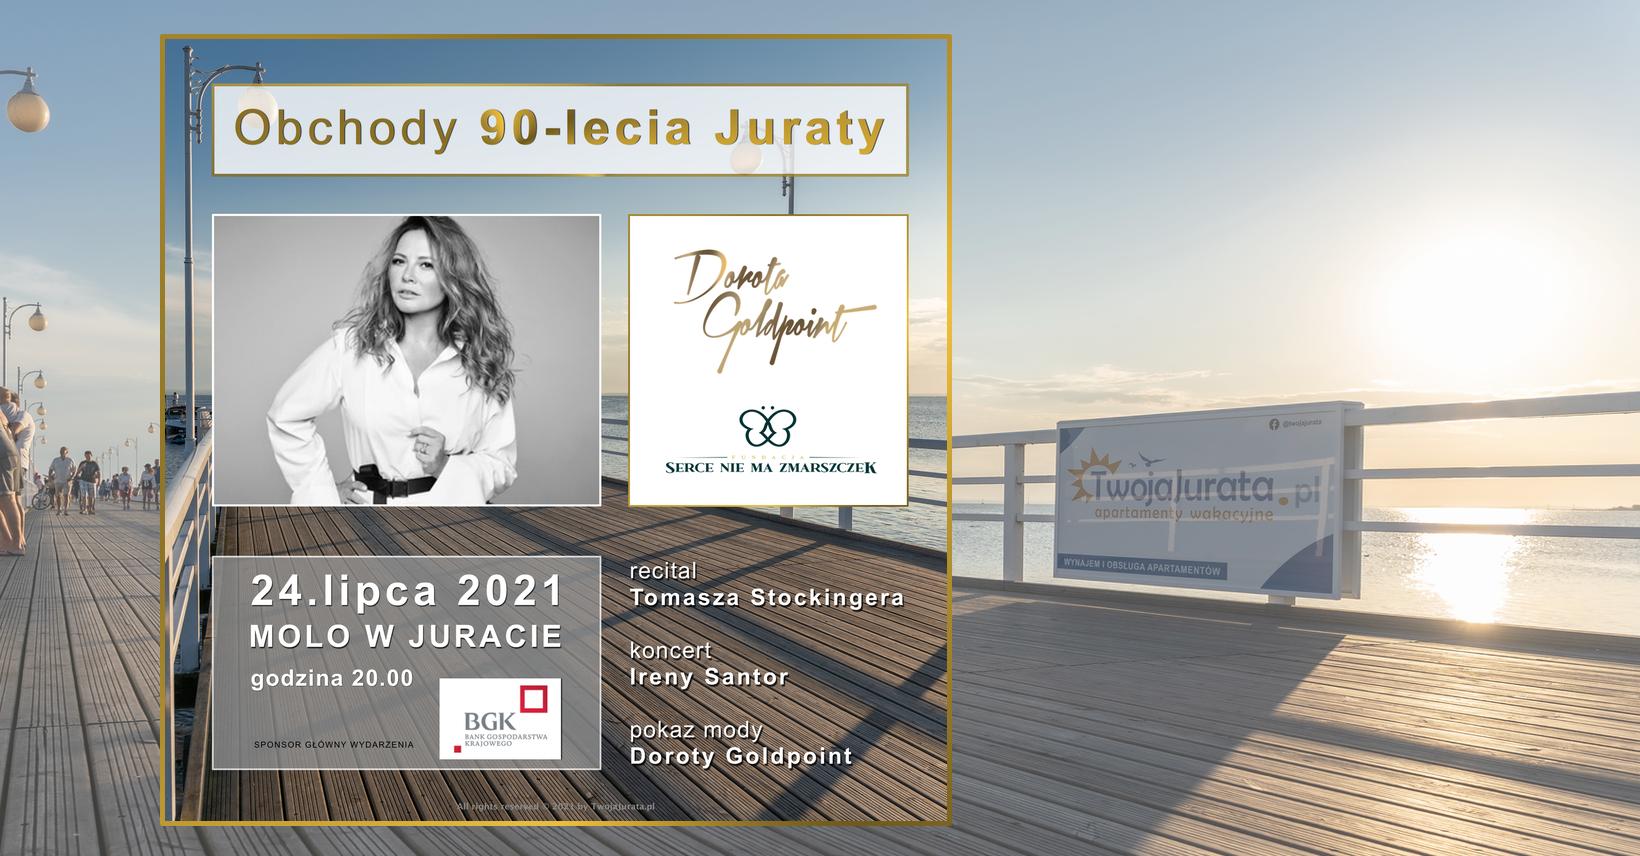 Przeczytaj więcej o artykule Obchody 90-lecia istnienia Juraty. Koncert Ireny Santor, pokaz mody Doroty Goldpoint i wiele więcej.